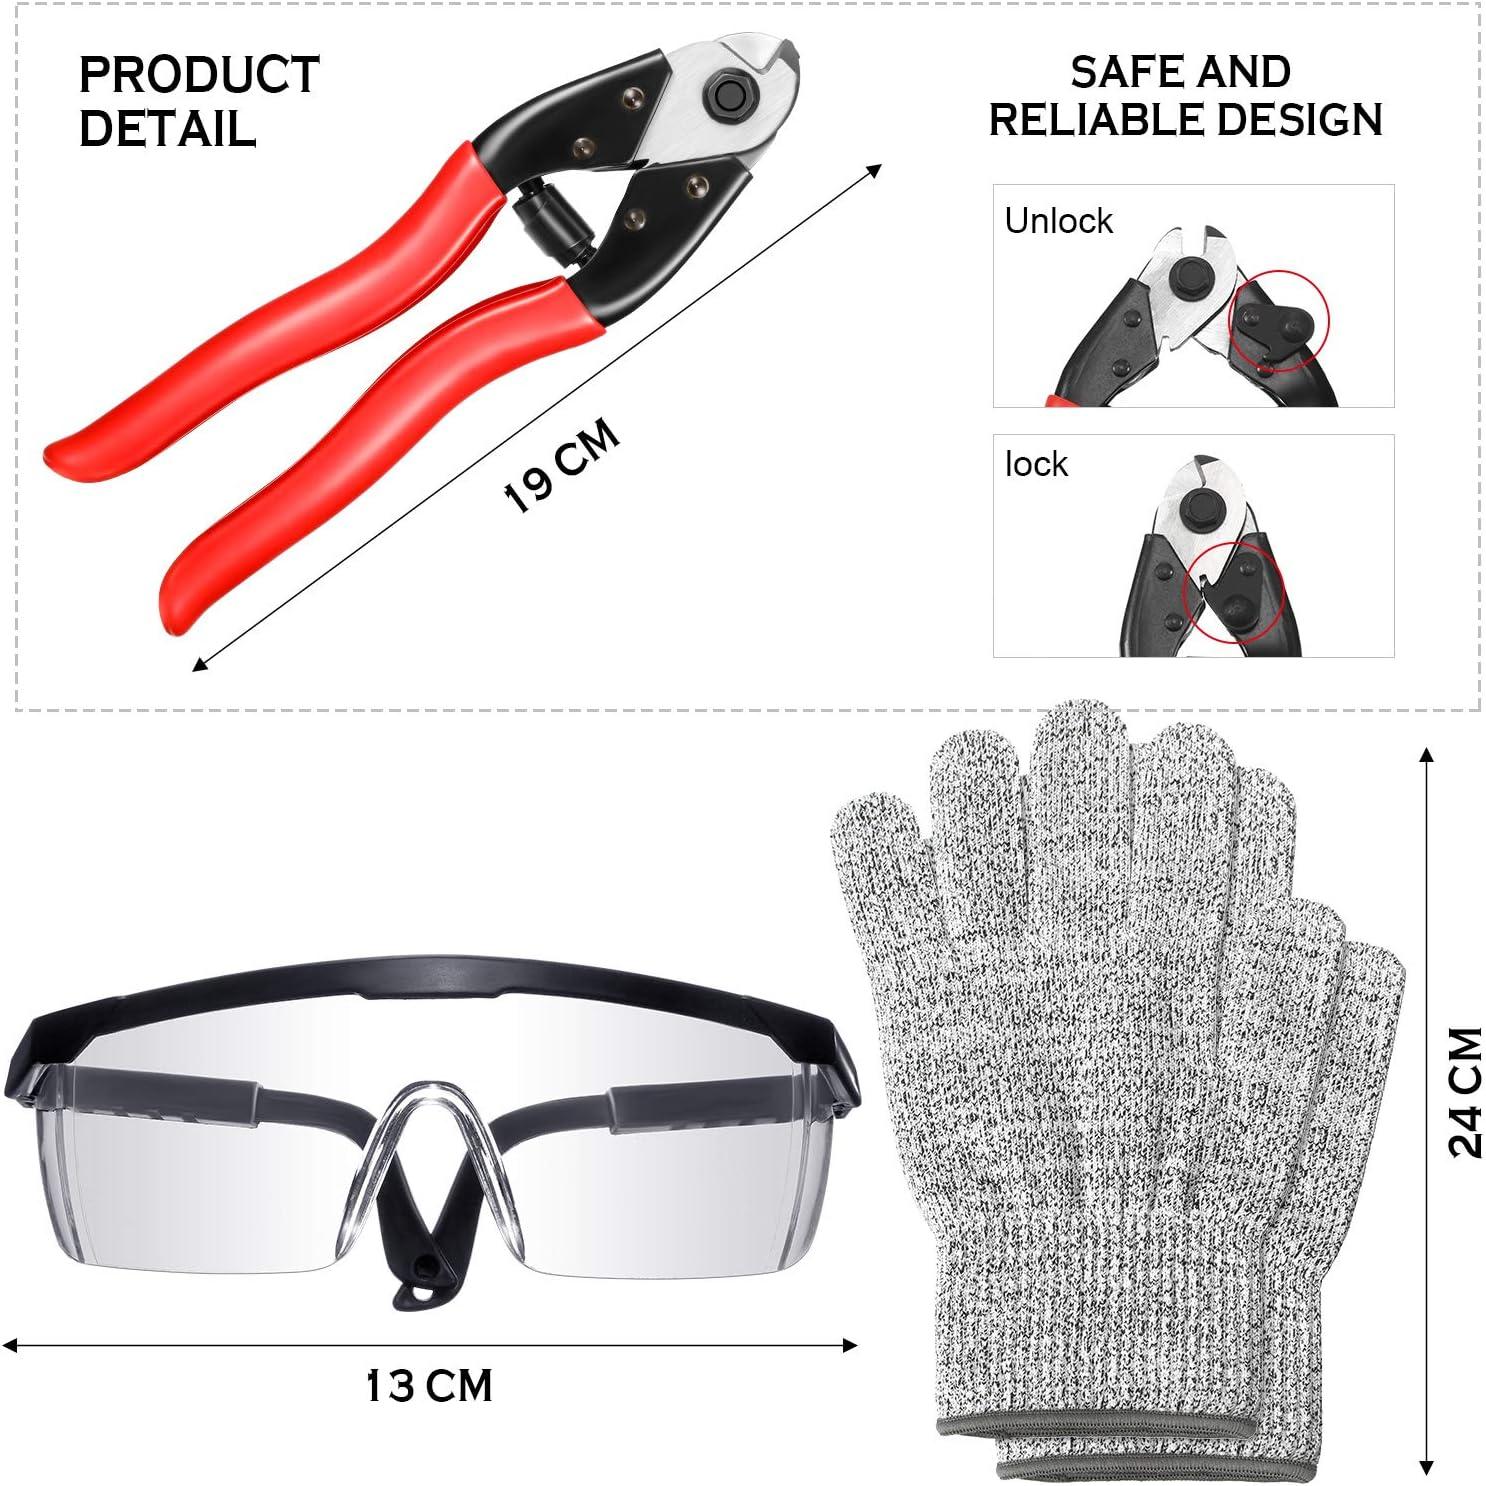 Tagliafili per Cavi Acciaio Cavo Metallico per Impieghi Gravosi con Testa di Molatura Diamanta Taglierina per Ringhiere del Ponte con Occhiali Protettivi e Guanti Resistenti al Taglio